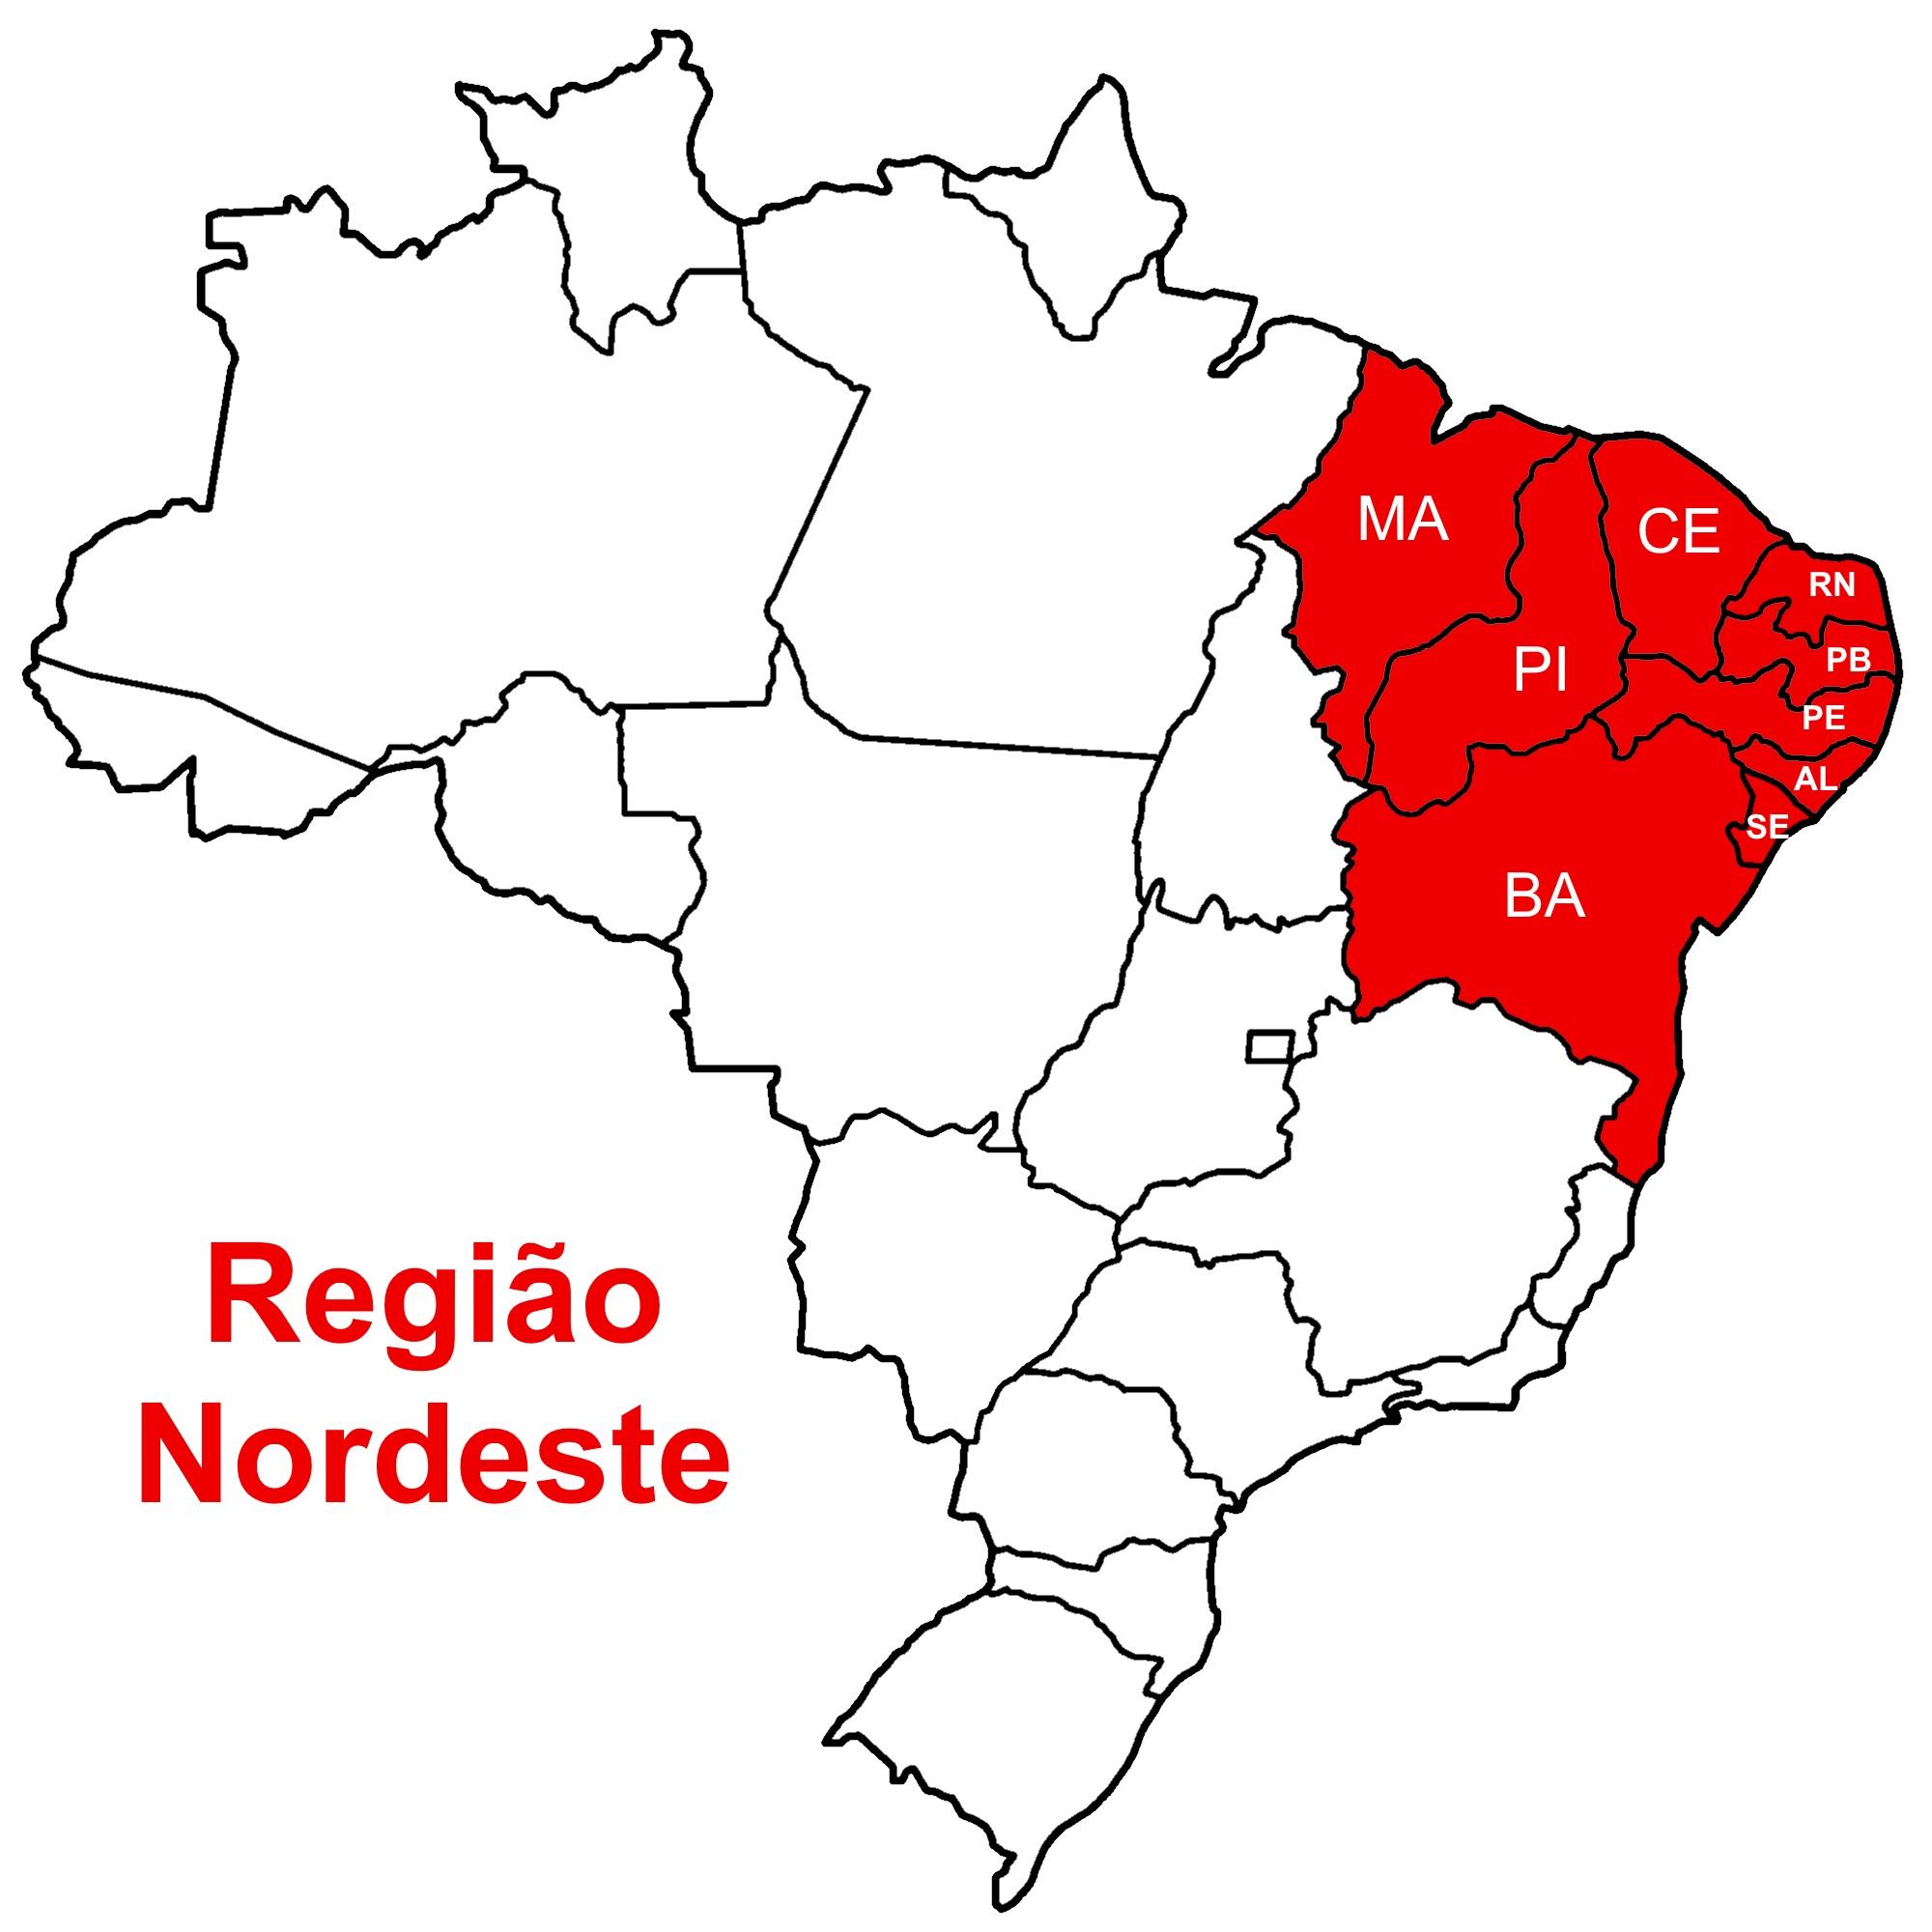 Mapa da Região Nordeste do Brasil.